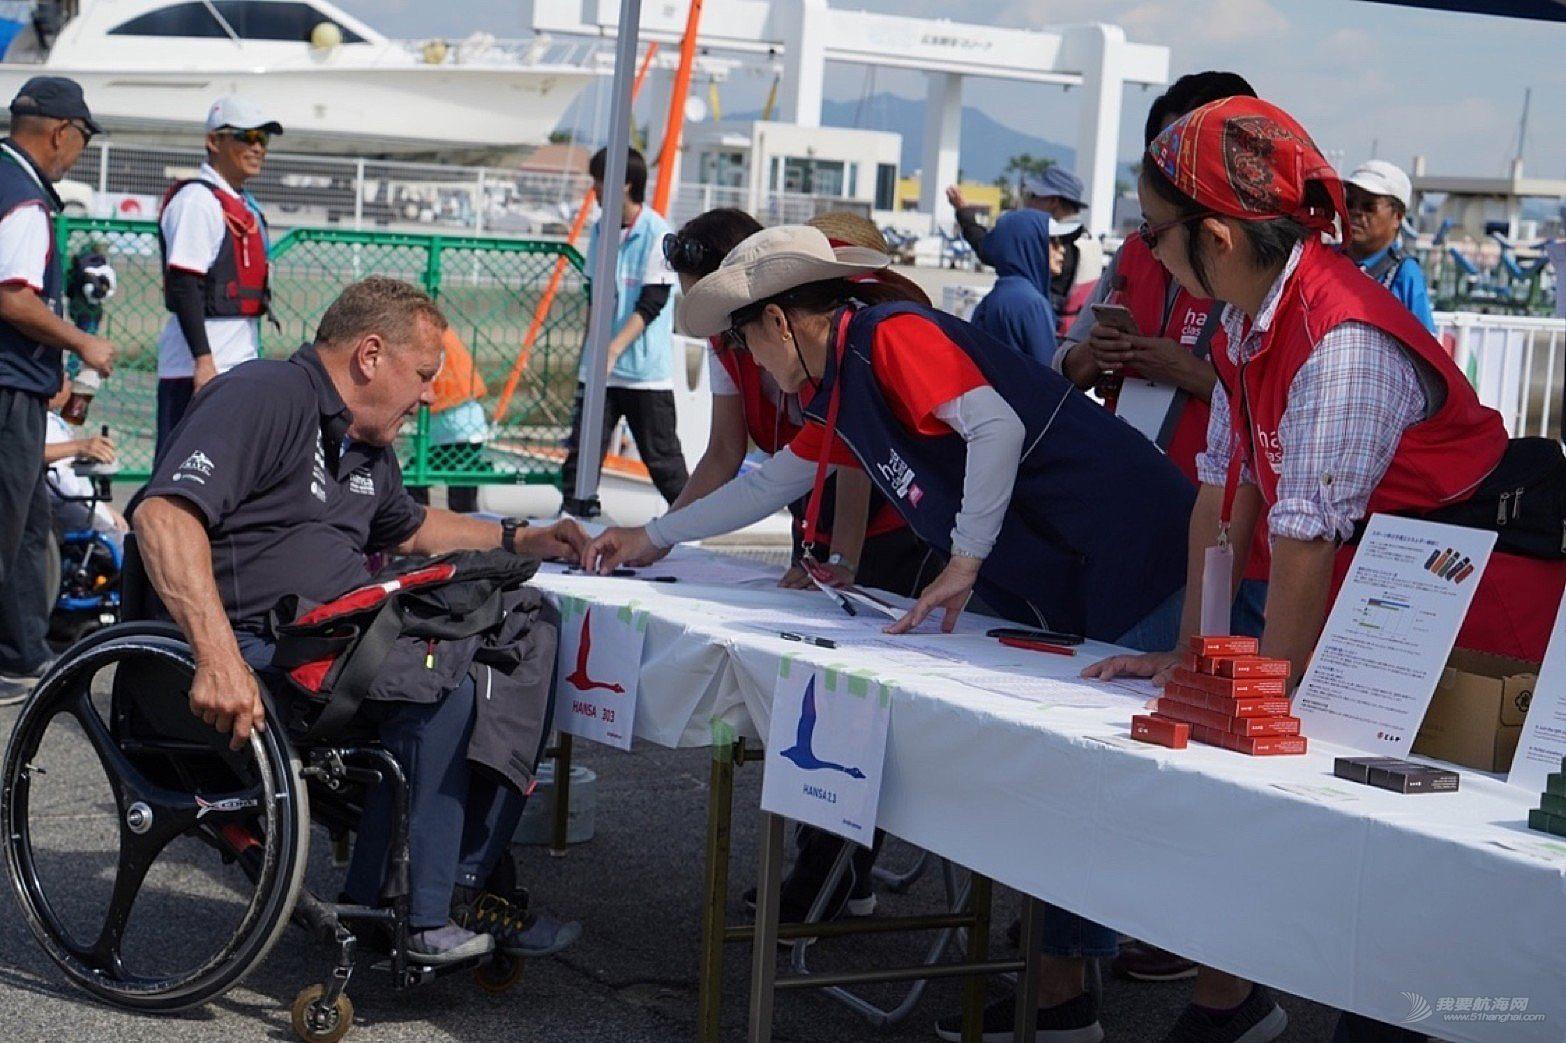 男女和老少共堂欢聚 健全与残障同场竞技-2018年汉萨级别世锦赛暨国际赛在日本广岛闭幕